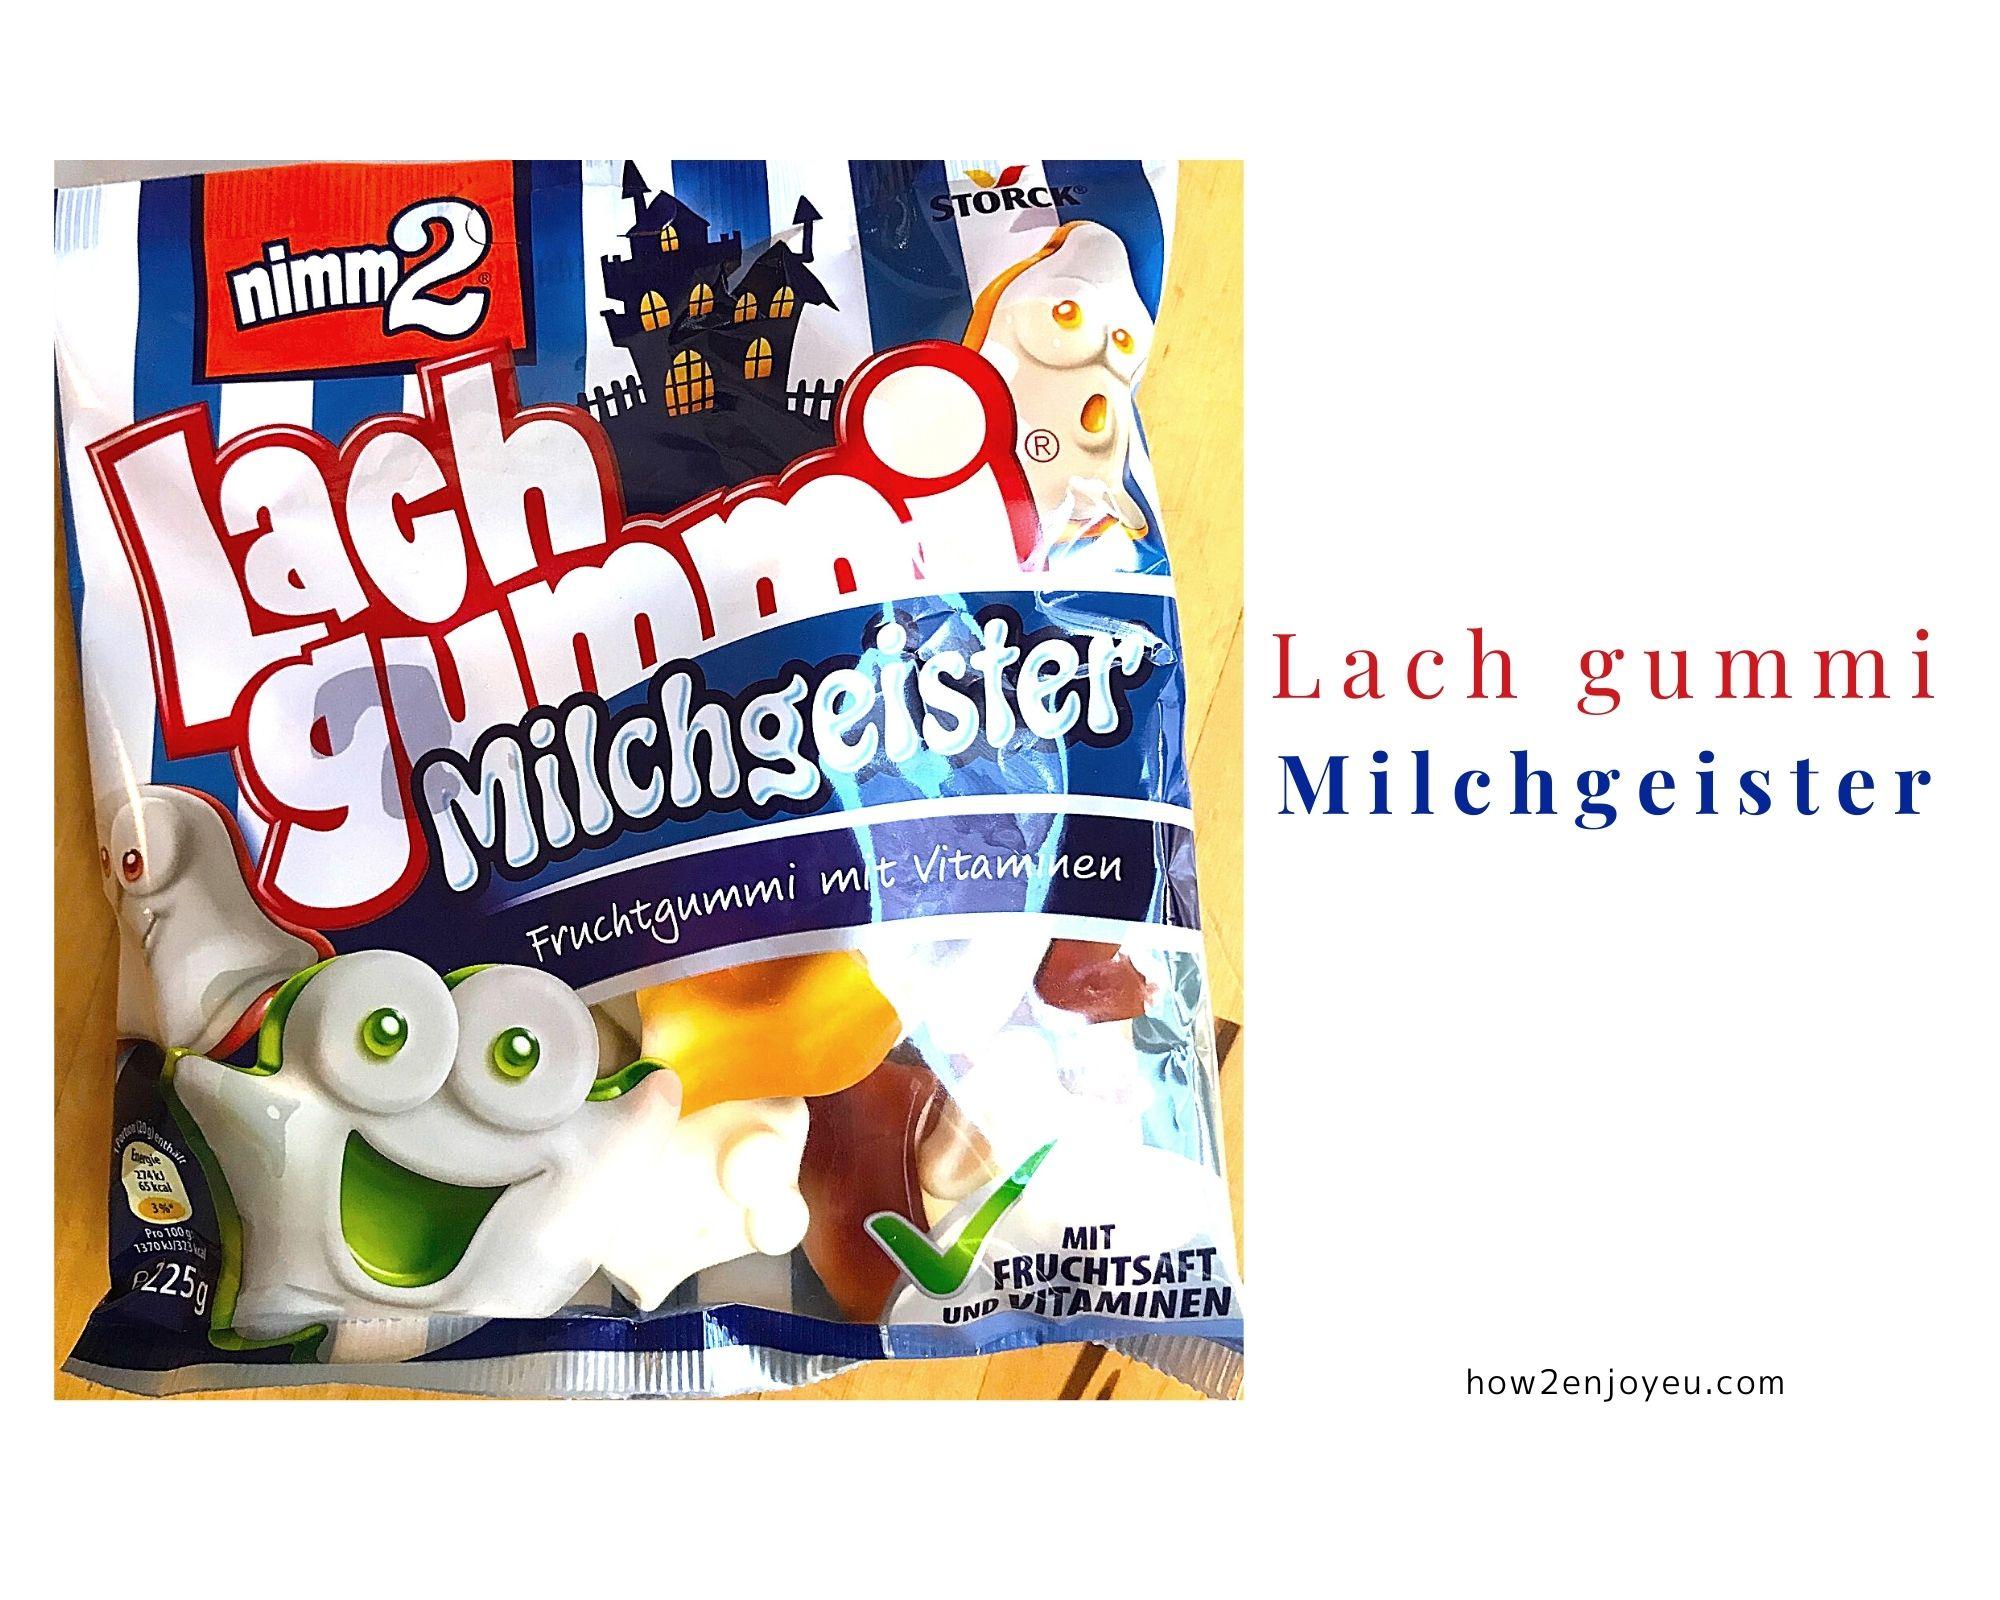 ストーク社の「nimm2」グミ、新商品オバケ型【Lach gummi Milchgeister】